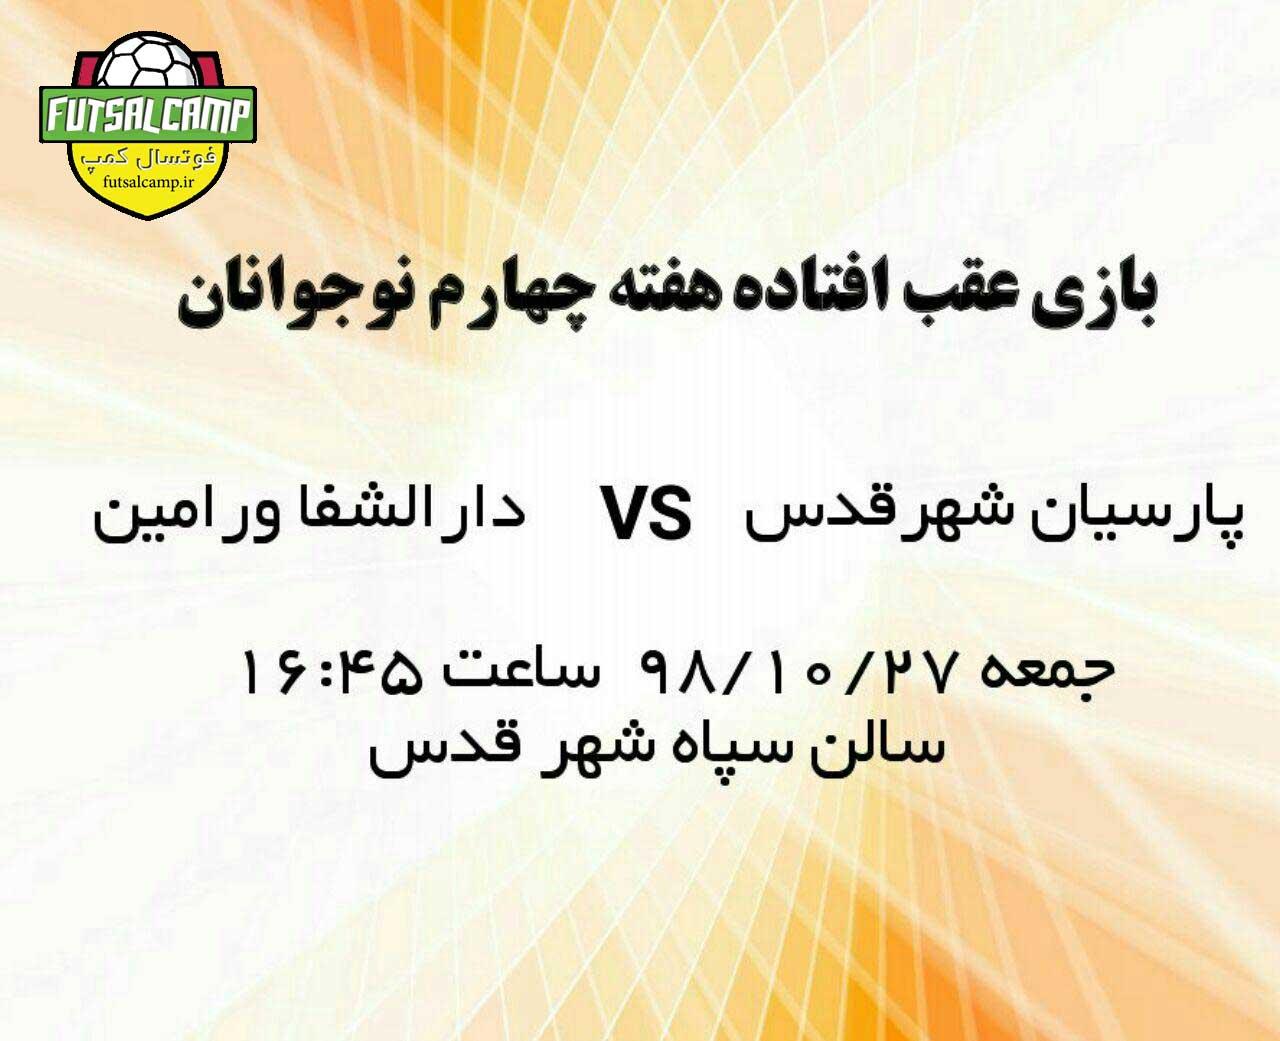 بازی معوقه هفته چهارم لیگ فوتسال نوجوانان تهران